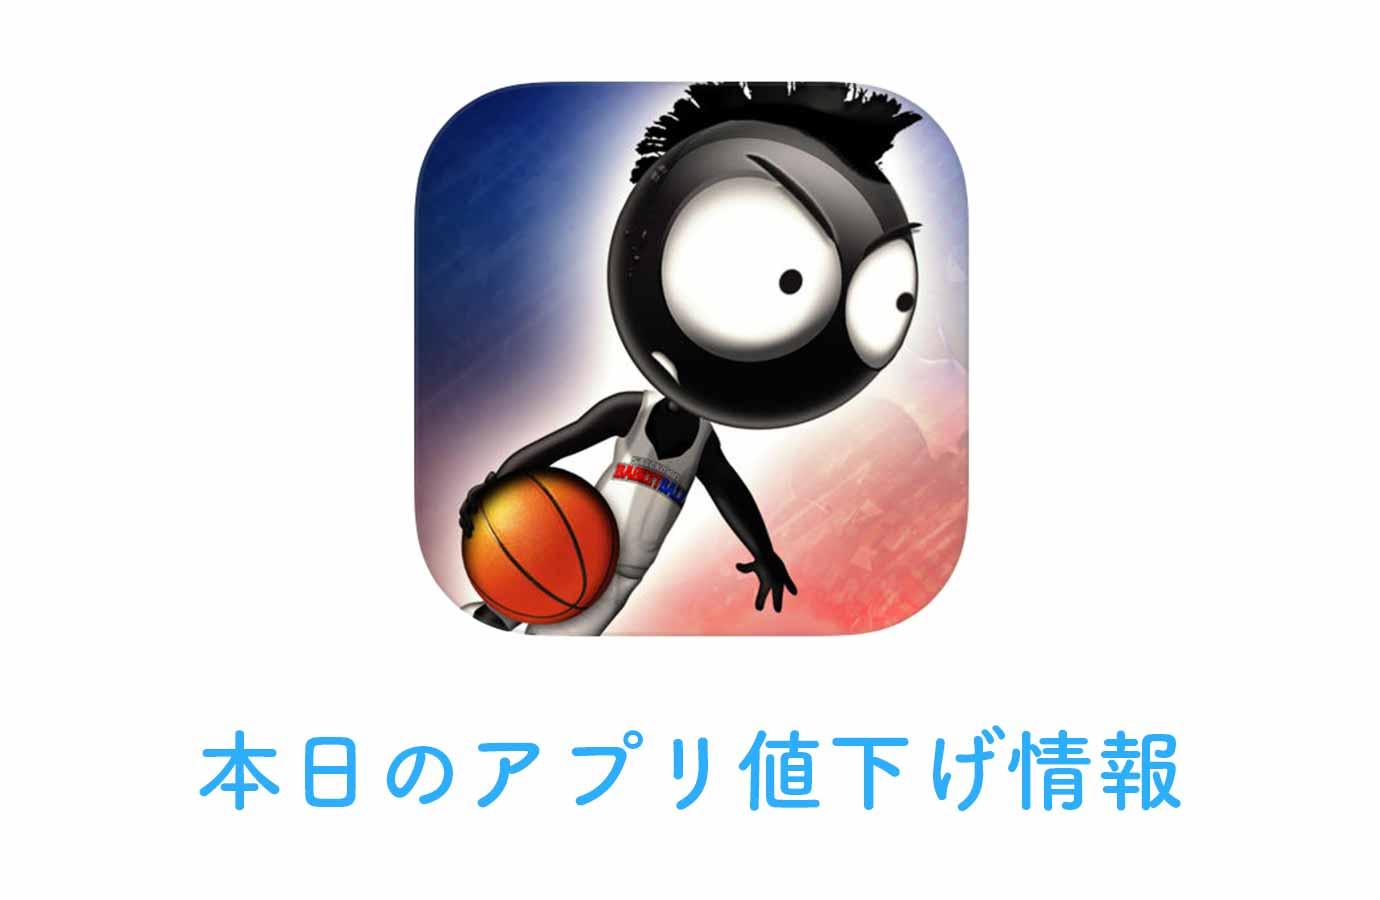 600円→無料!人気「棒人間」シリーズのバスケットボールゲーム「Stickman Basketball 2017」など【1/13】アプリ値下げ情報